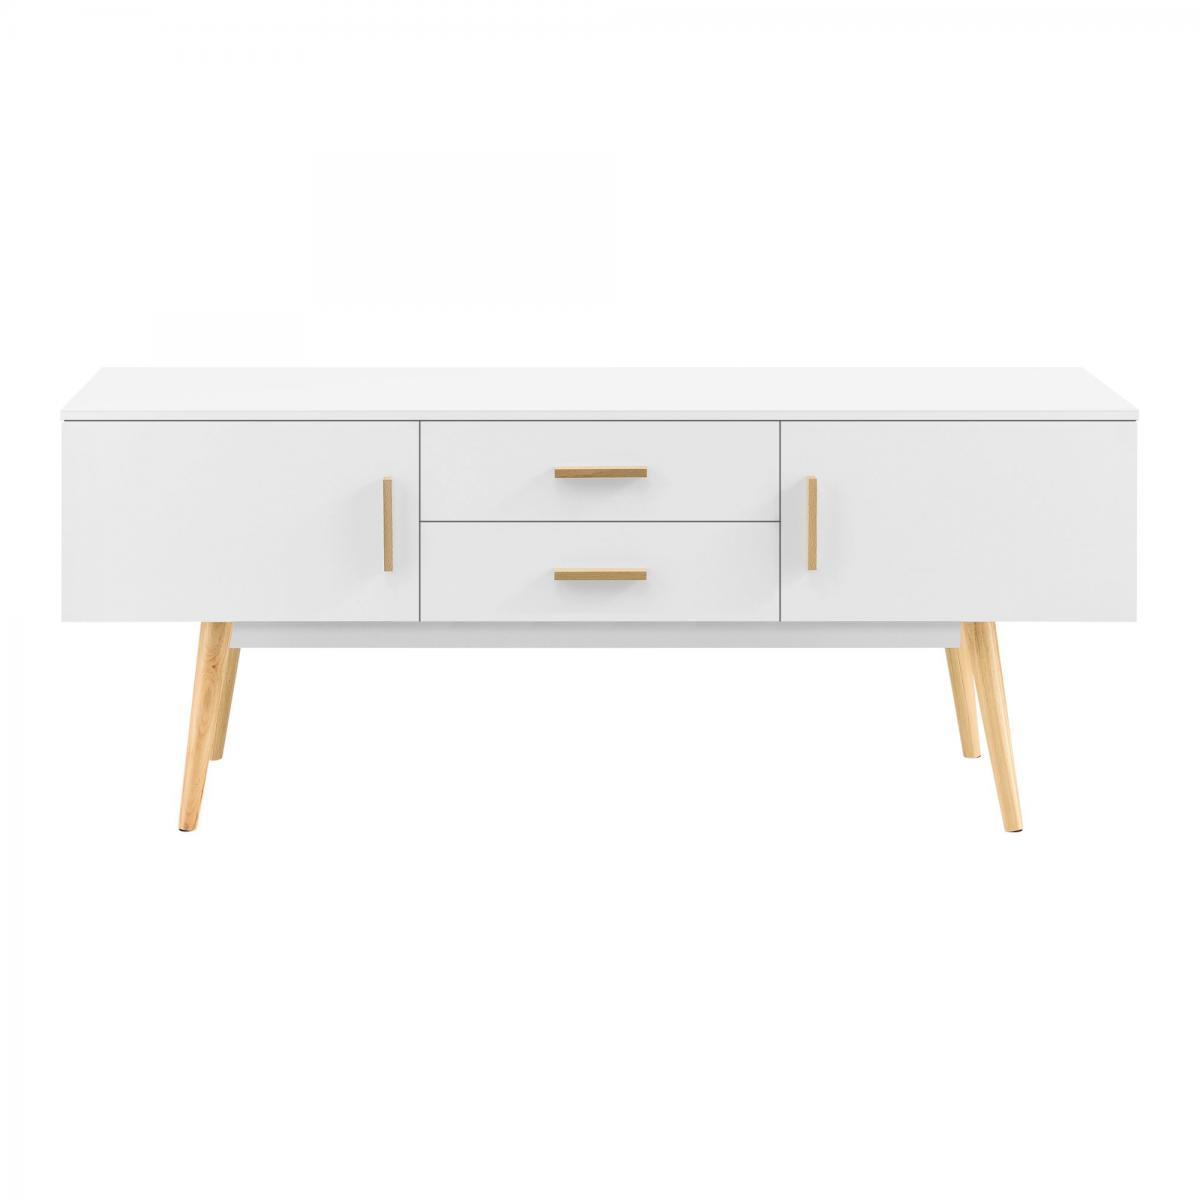 Helloshop26 Meuble tv design support télé banc pieds en bois 140 cm blanc 03_0005867